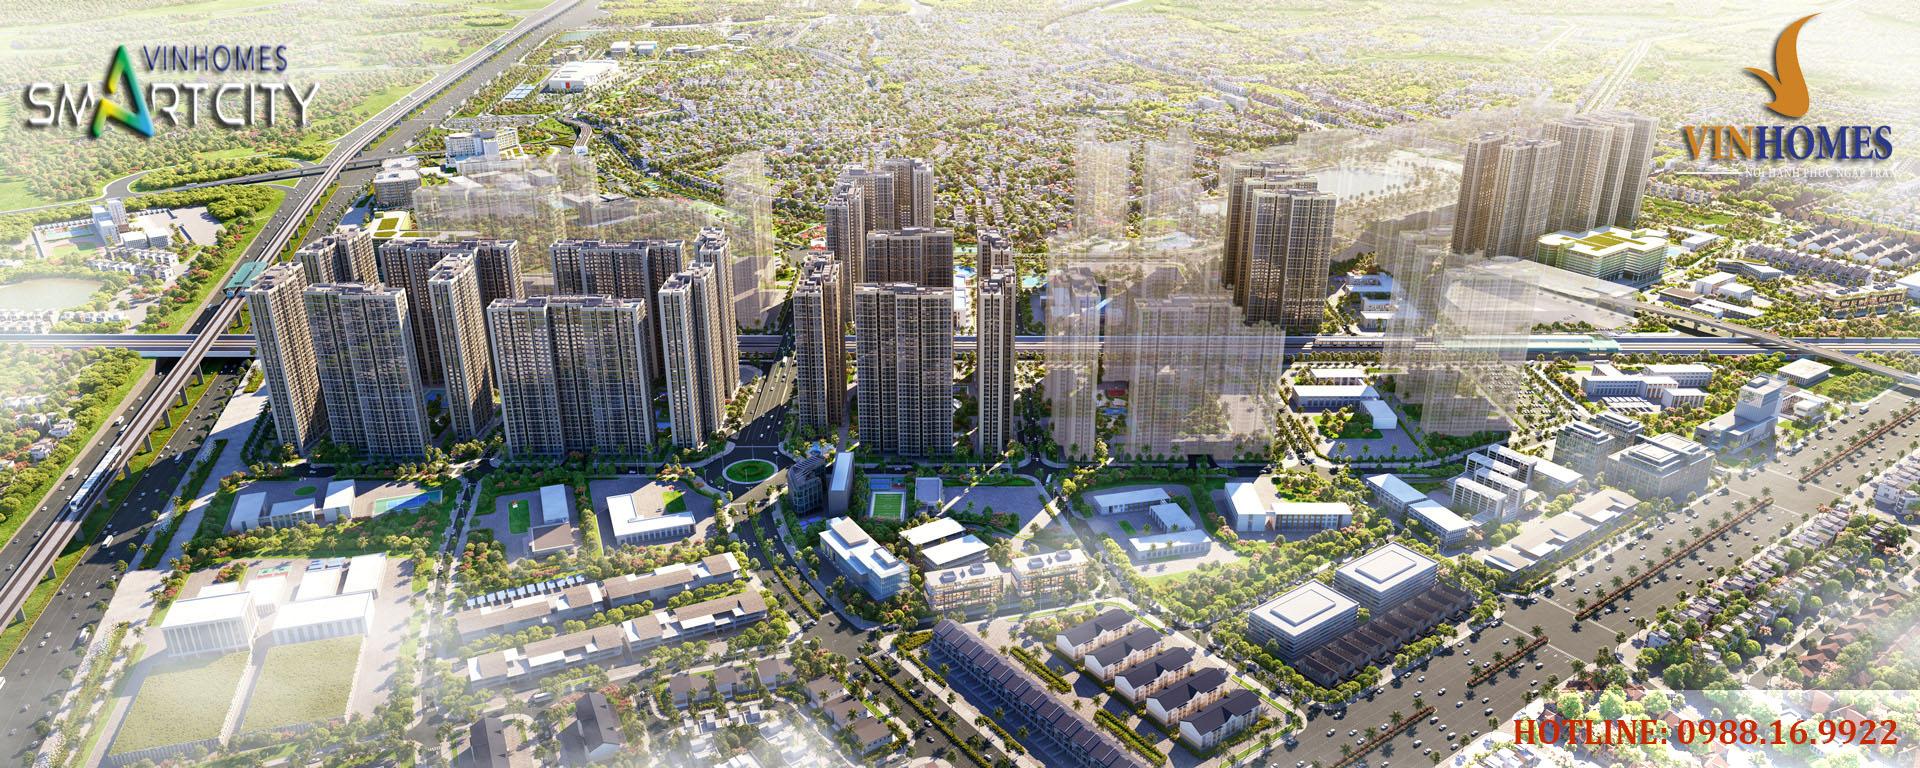 Thành phố Thông minh Vinhomes Smart City tây mỗ